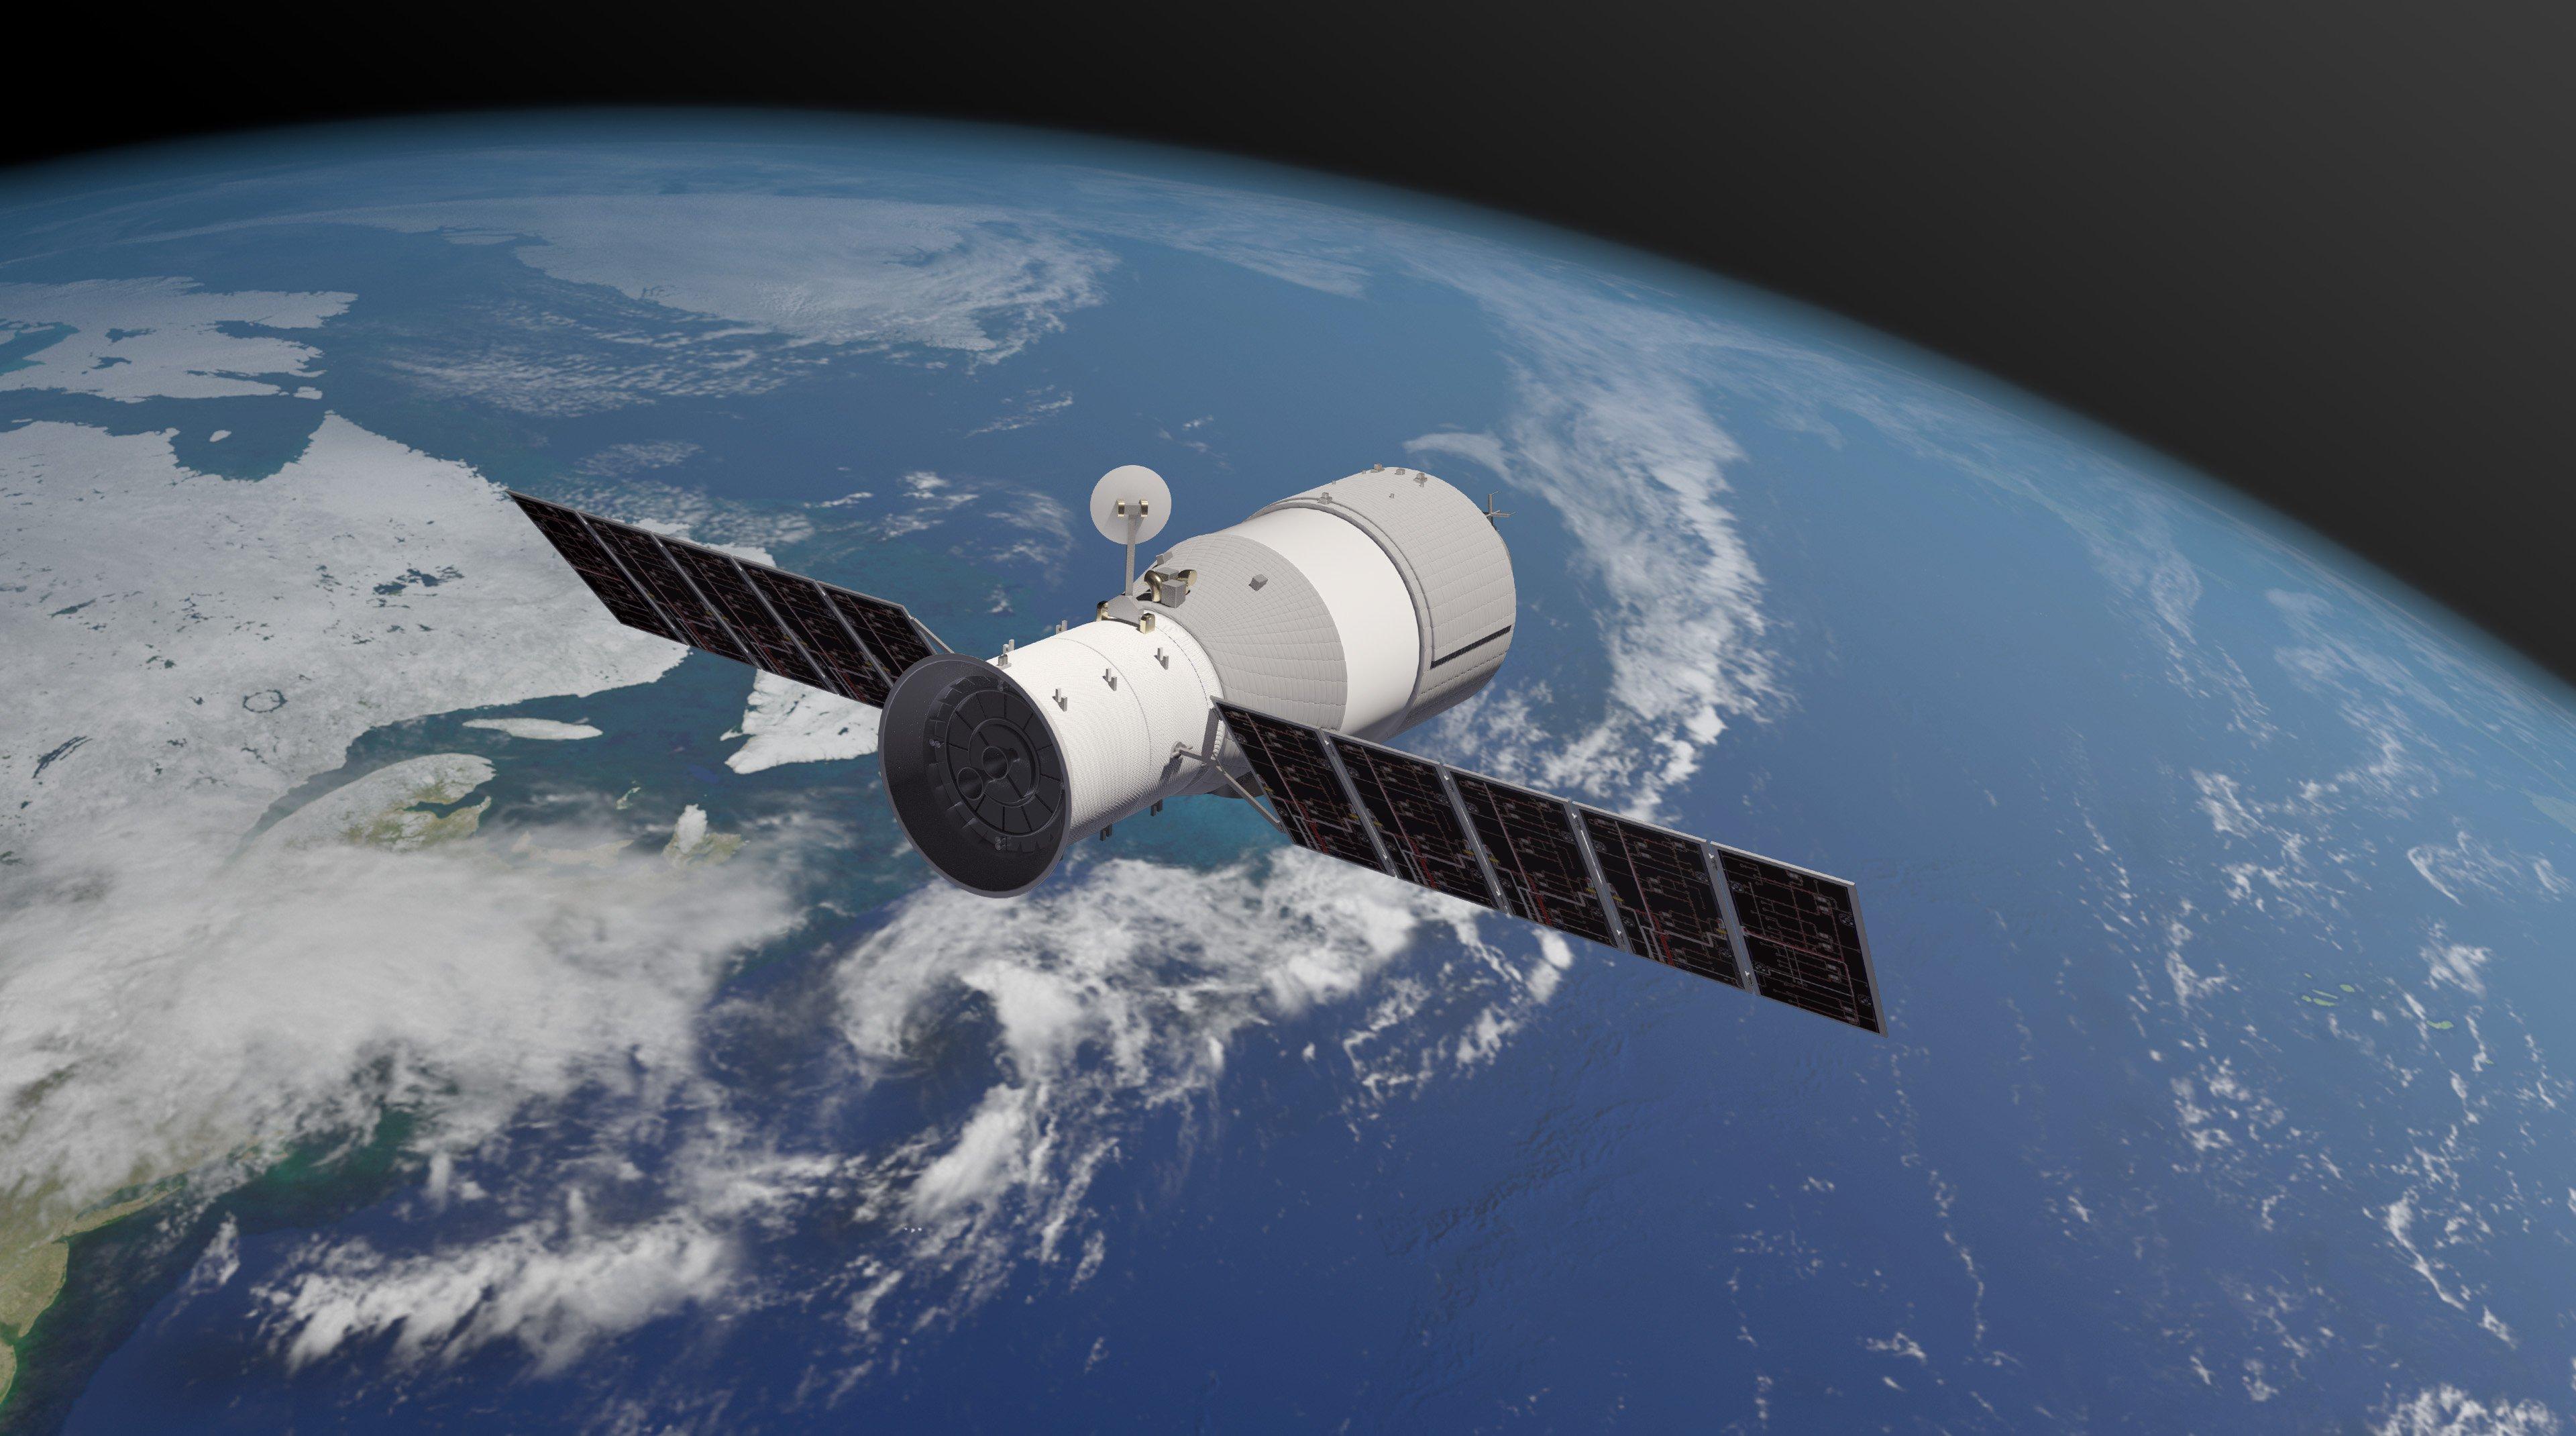 Китайская орбитальная станция «Тяньгун-1» упала в Тихом океане